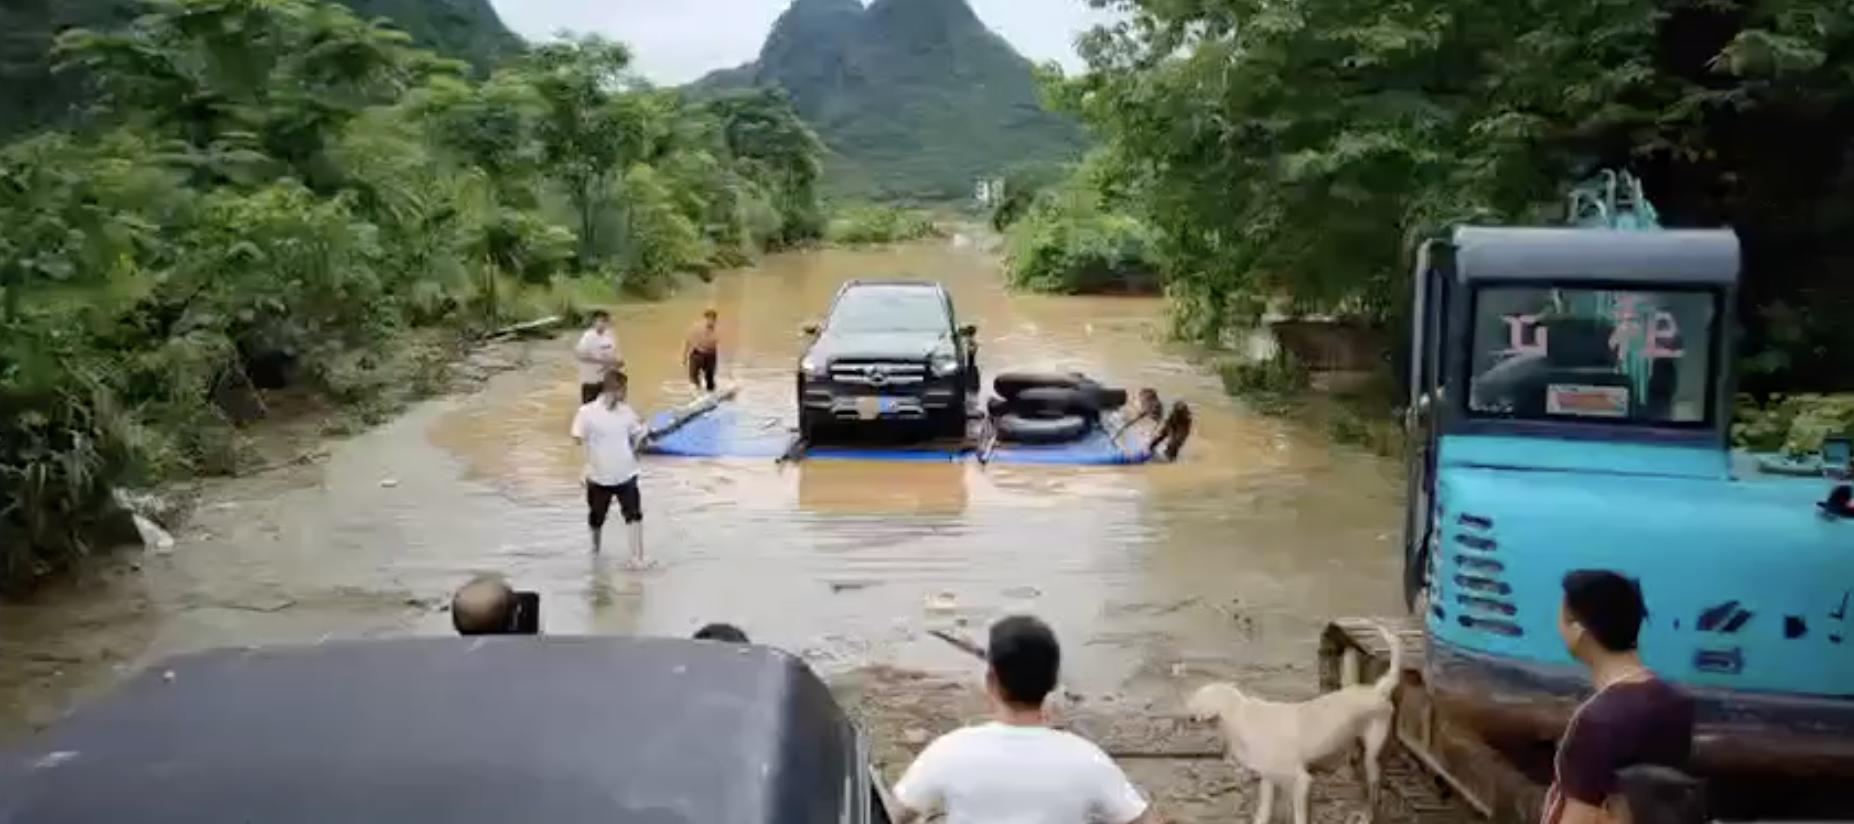 暴雨洪災後,邨民自救找到被水淹沒的汽車。(受訪者提供)